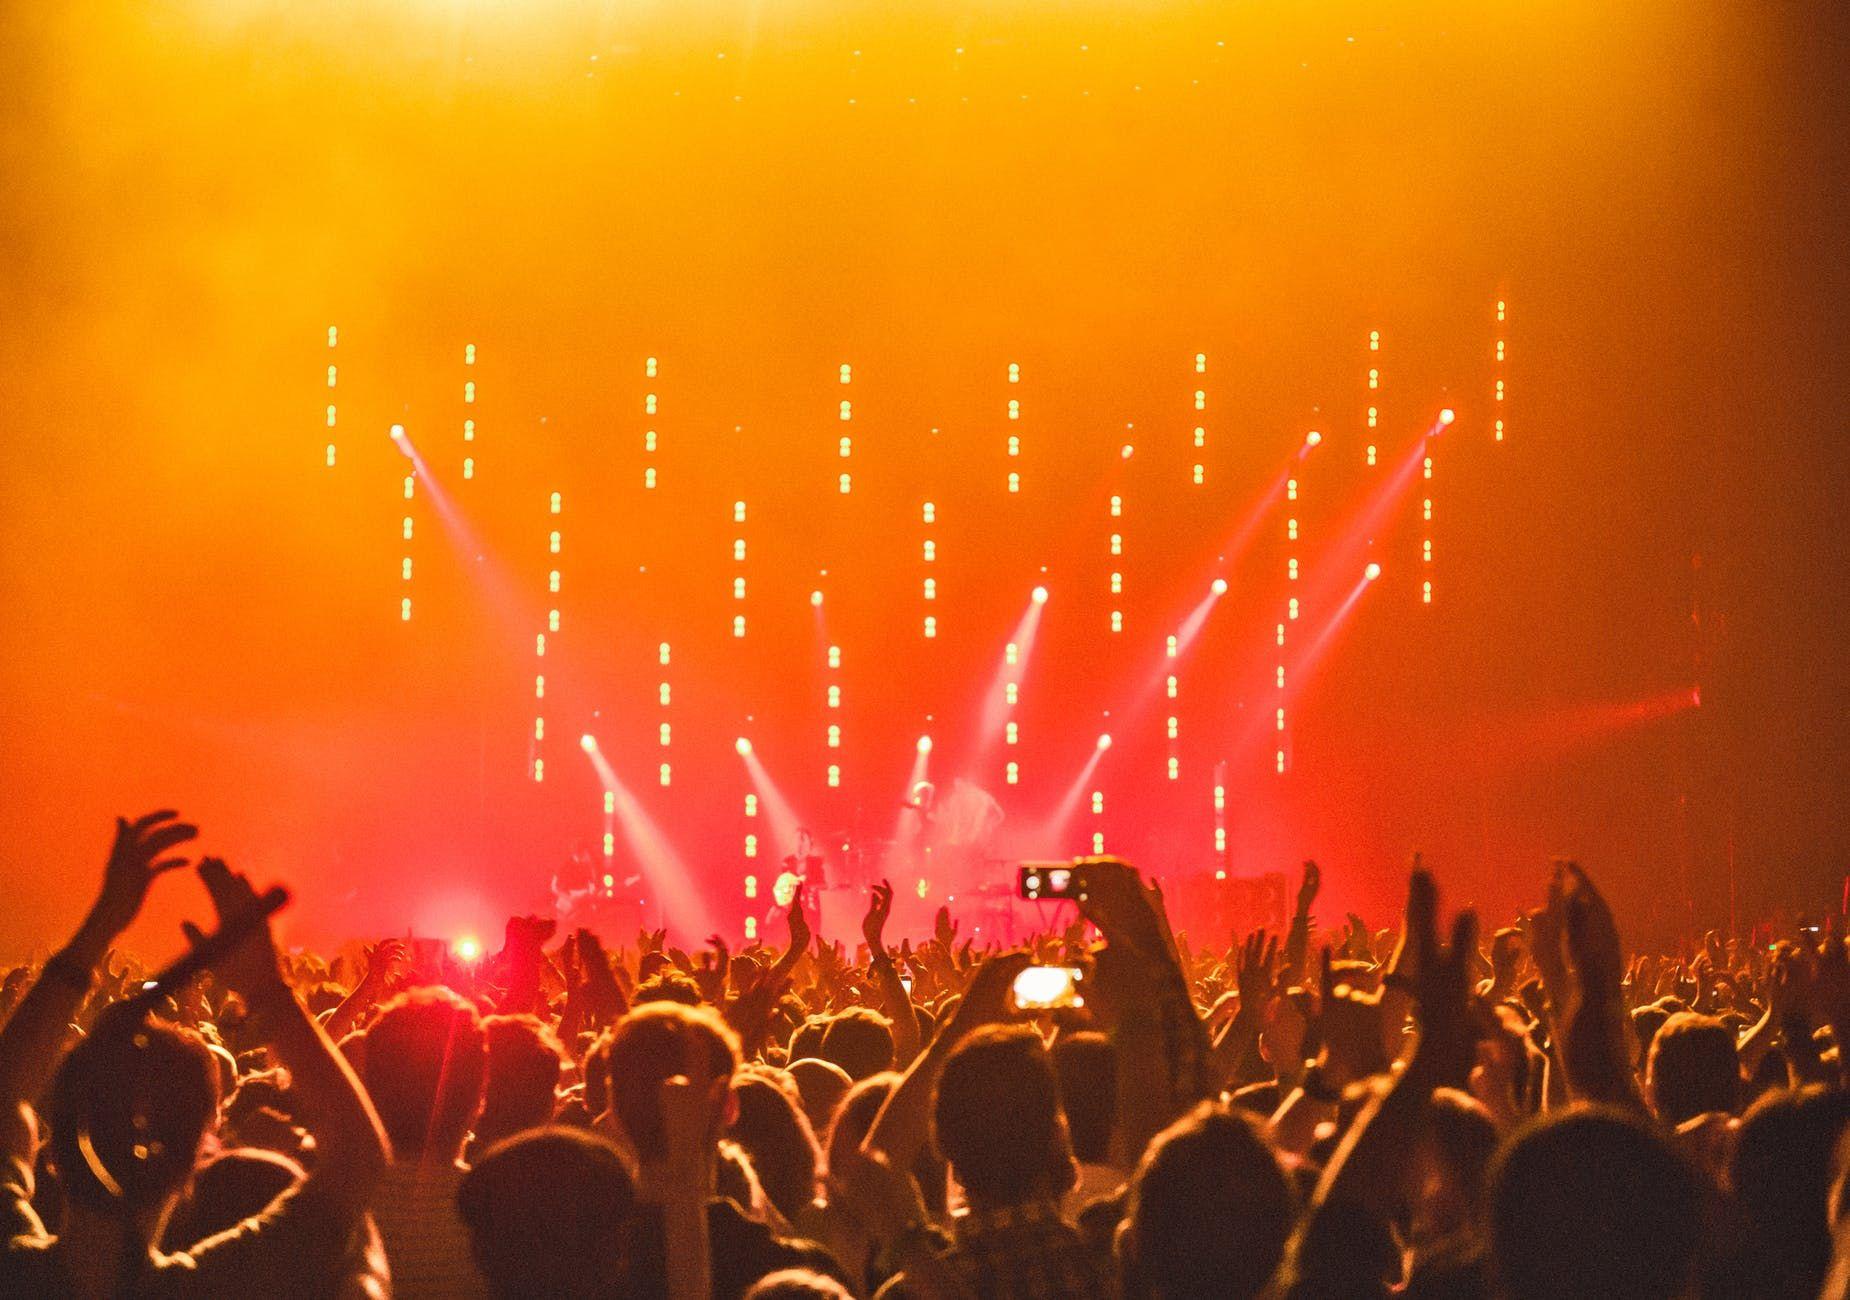 Plateia extasiada, durante um show de rock